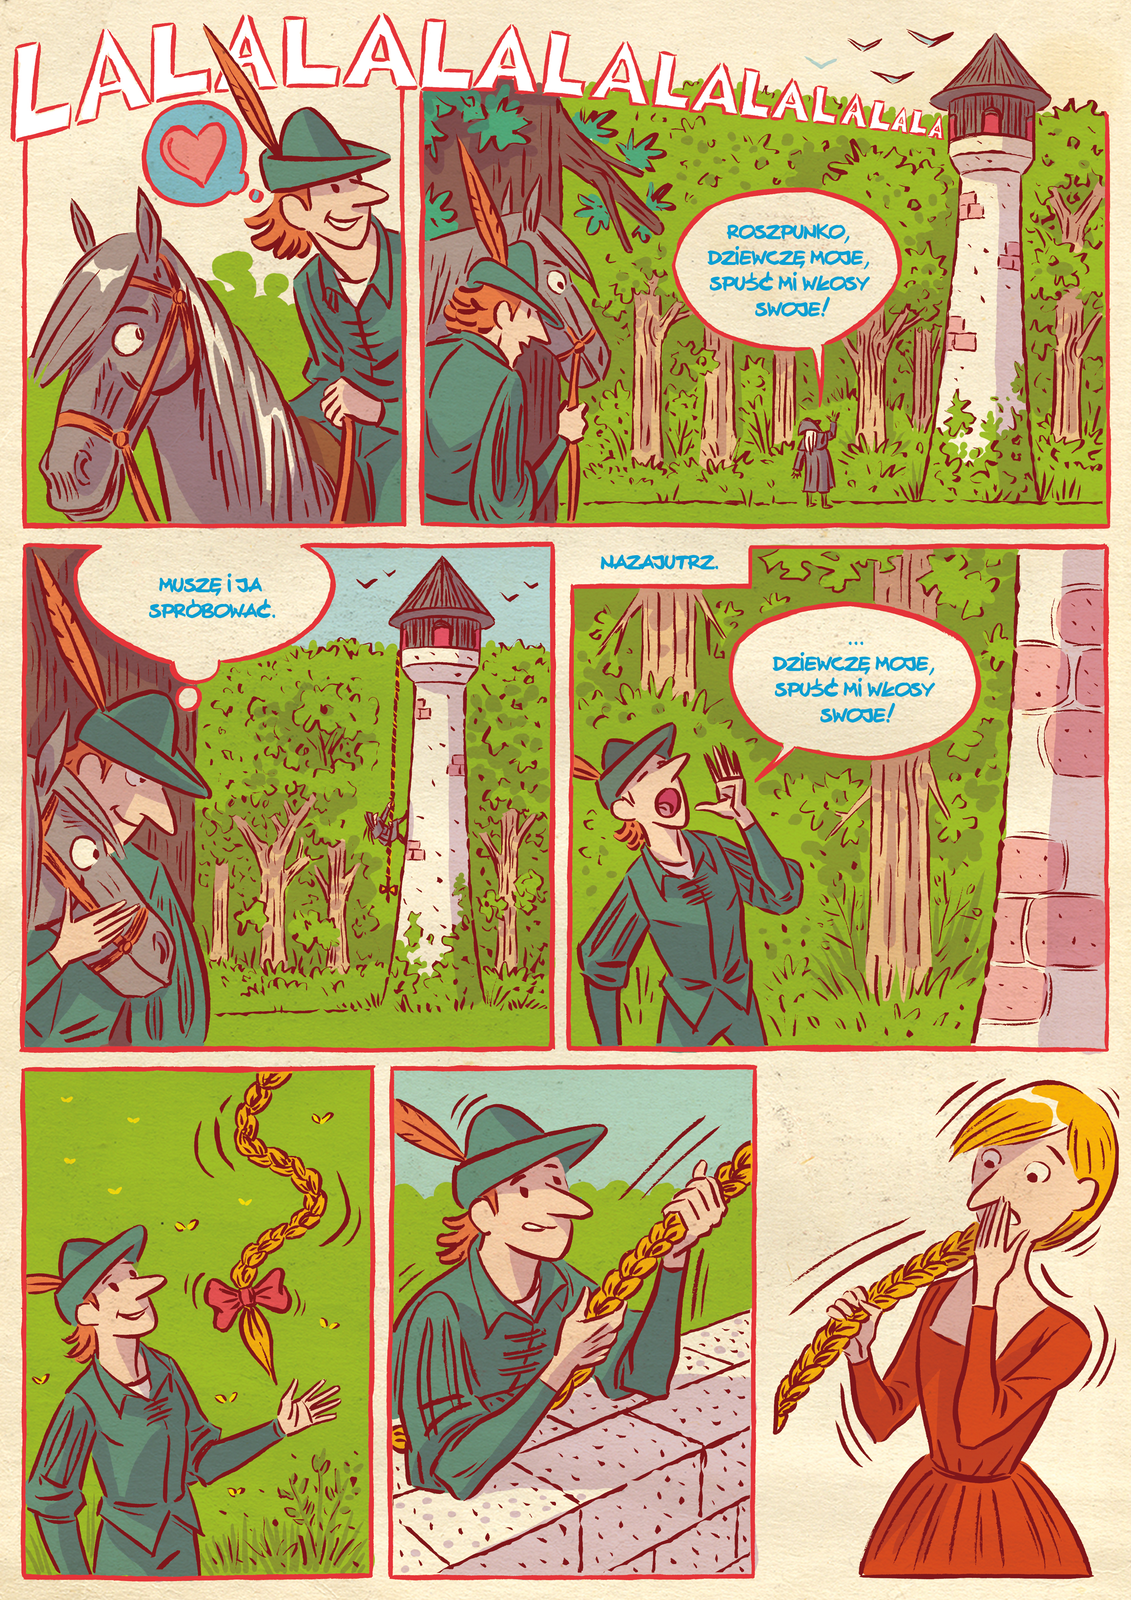 Komiks Roszpunka1 Źródło: Uniwersytet Wrocławski, licencja: CC BY 3.0.